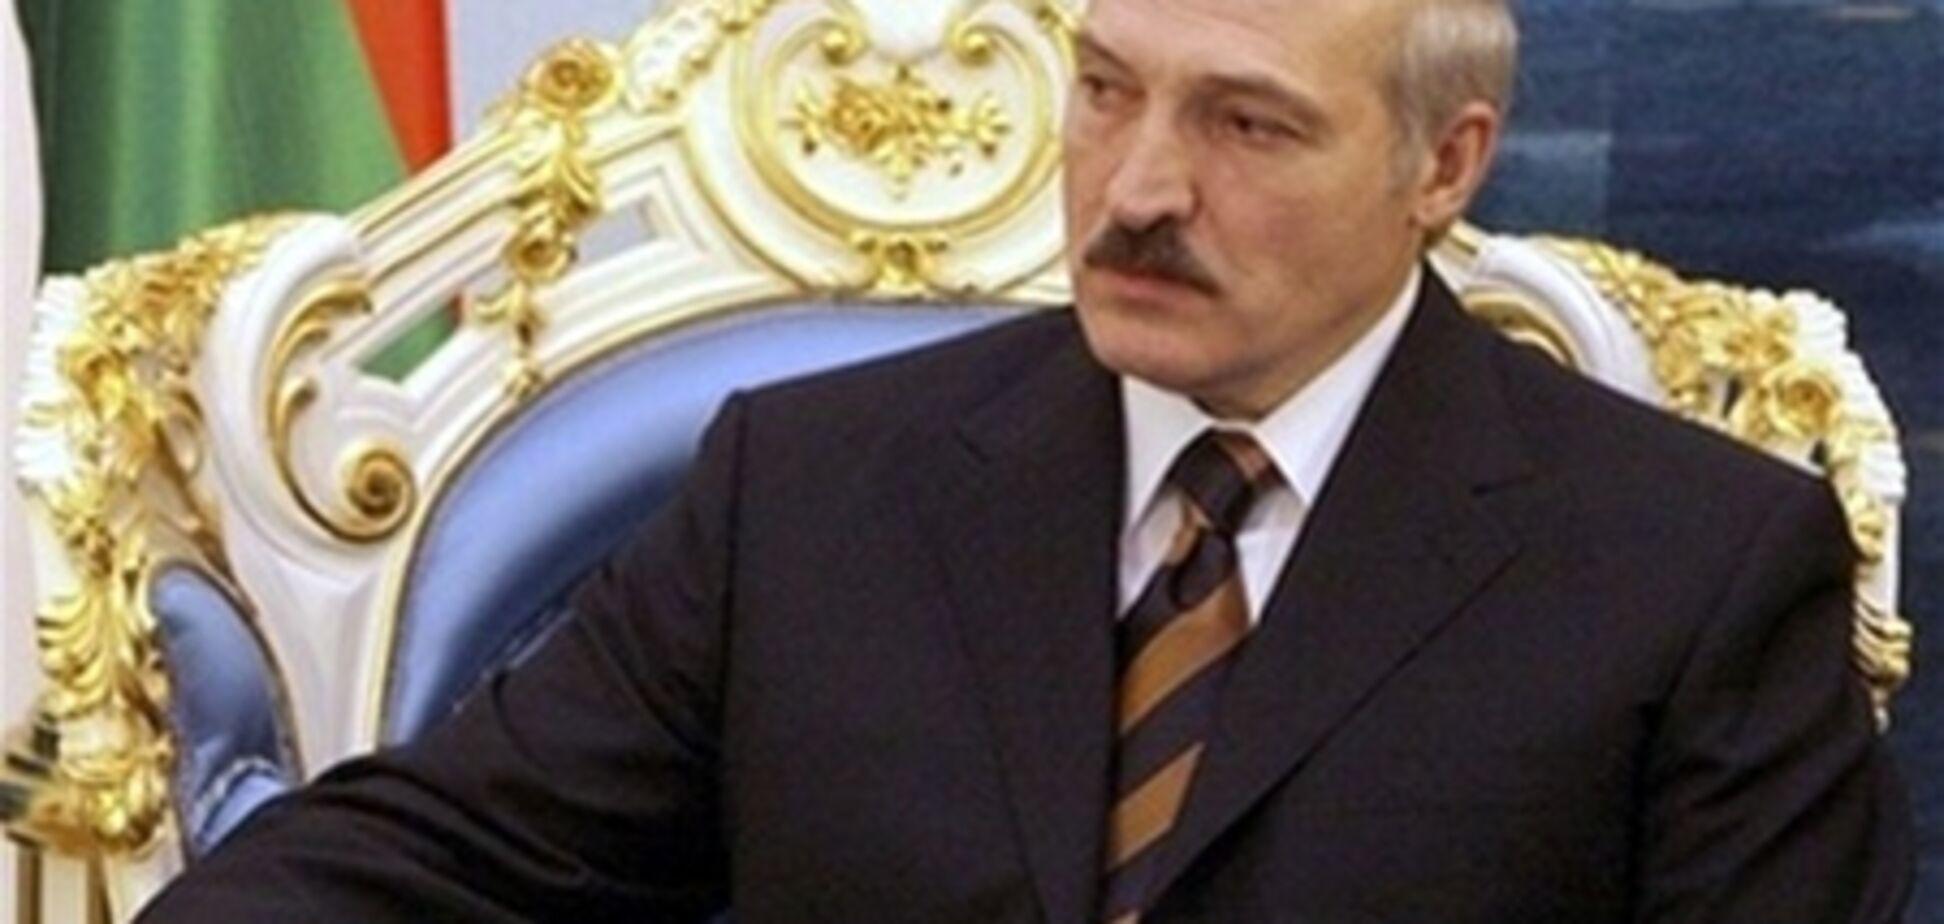 Білорусь вступила в лихі 2010-ті